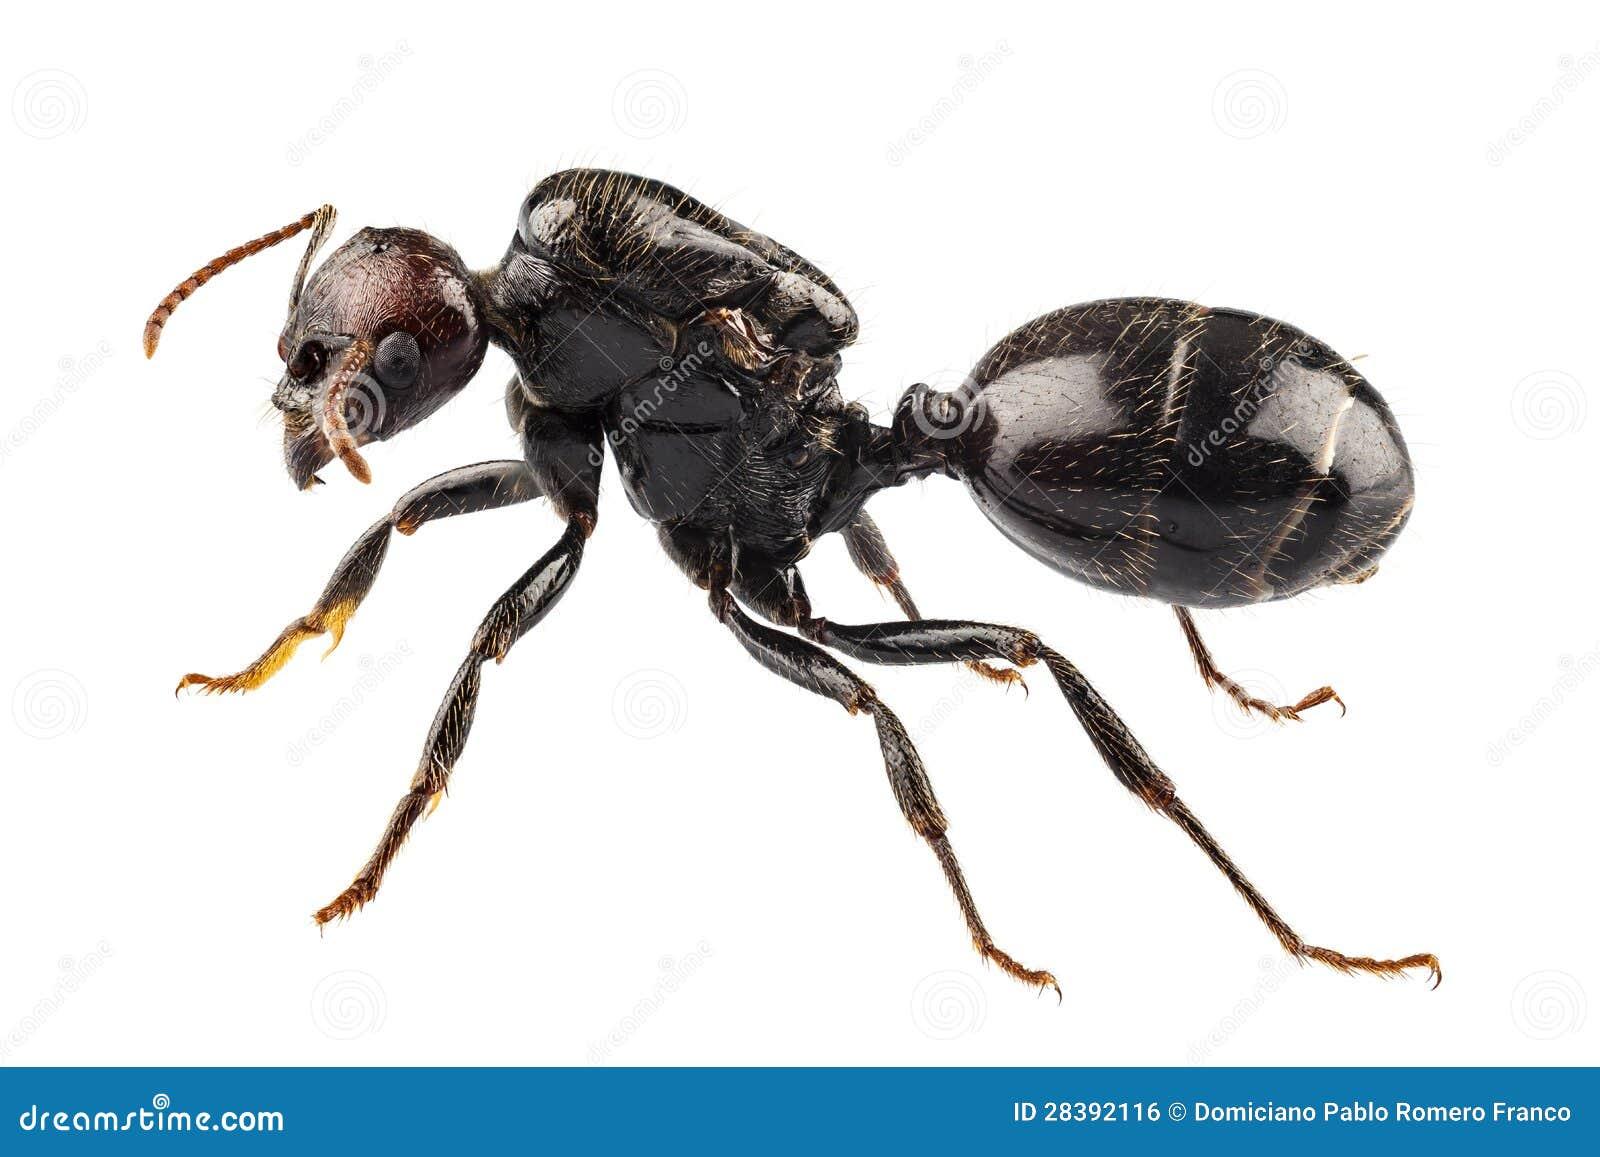 Black Garden Ant Species Lasius Niger Stock Photo - Image of focus ...